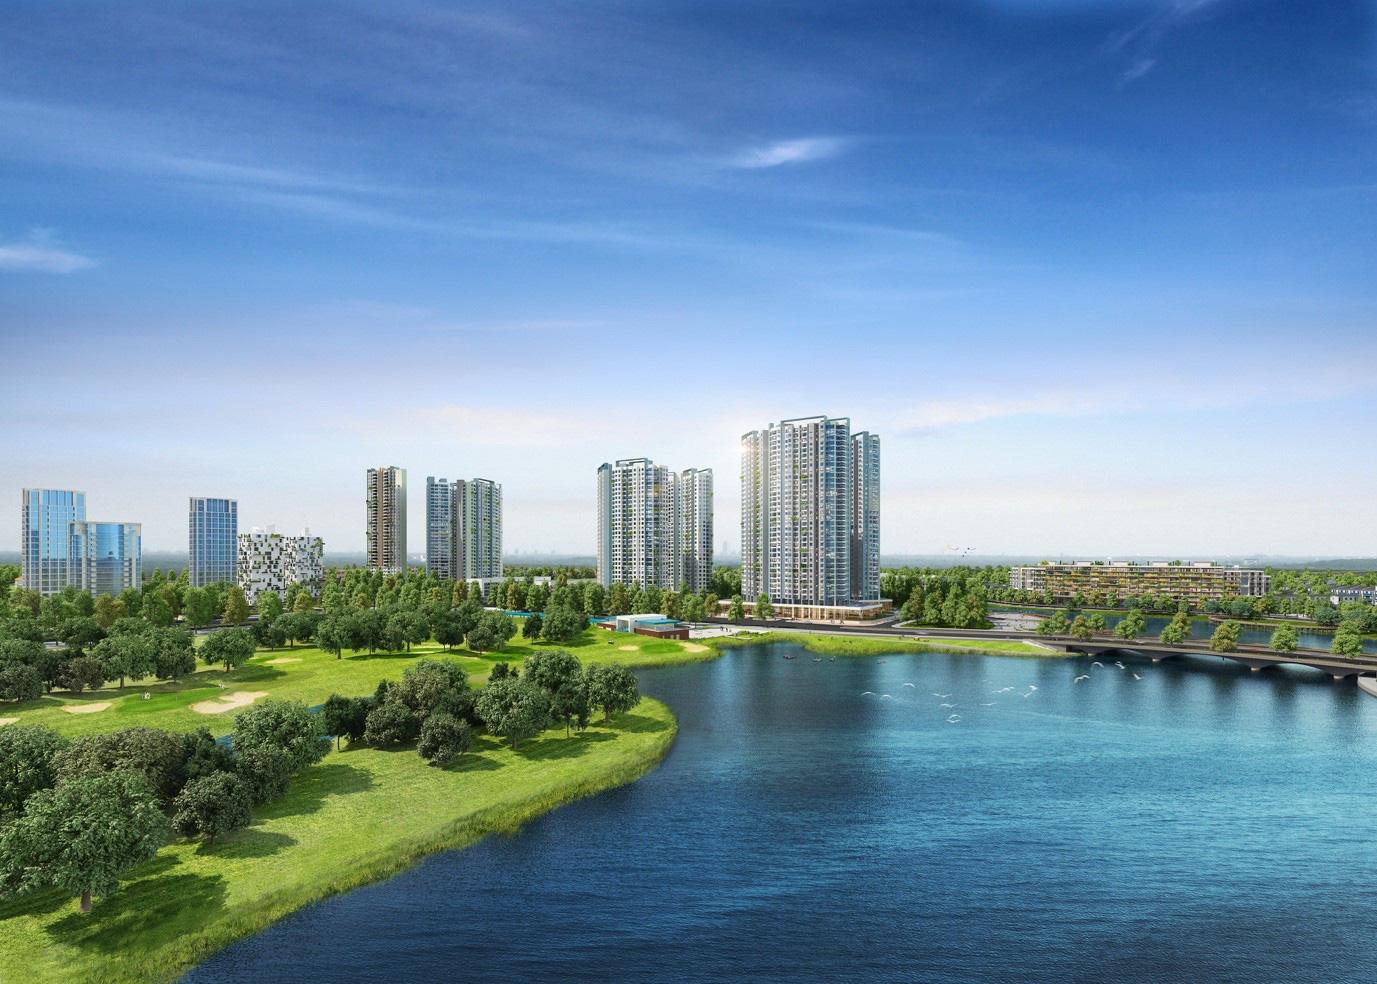 Đông Hà Nội có khu đô thị sở hữu thiết kế cảnh quan đẹp nhất thế giới - Ảnh 1.